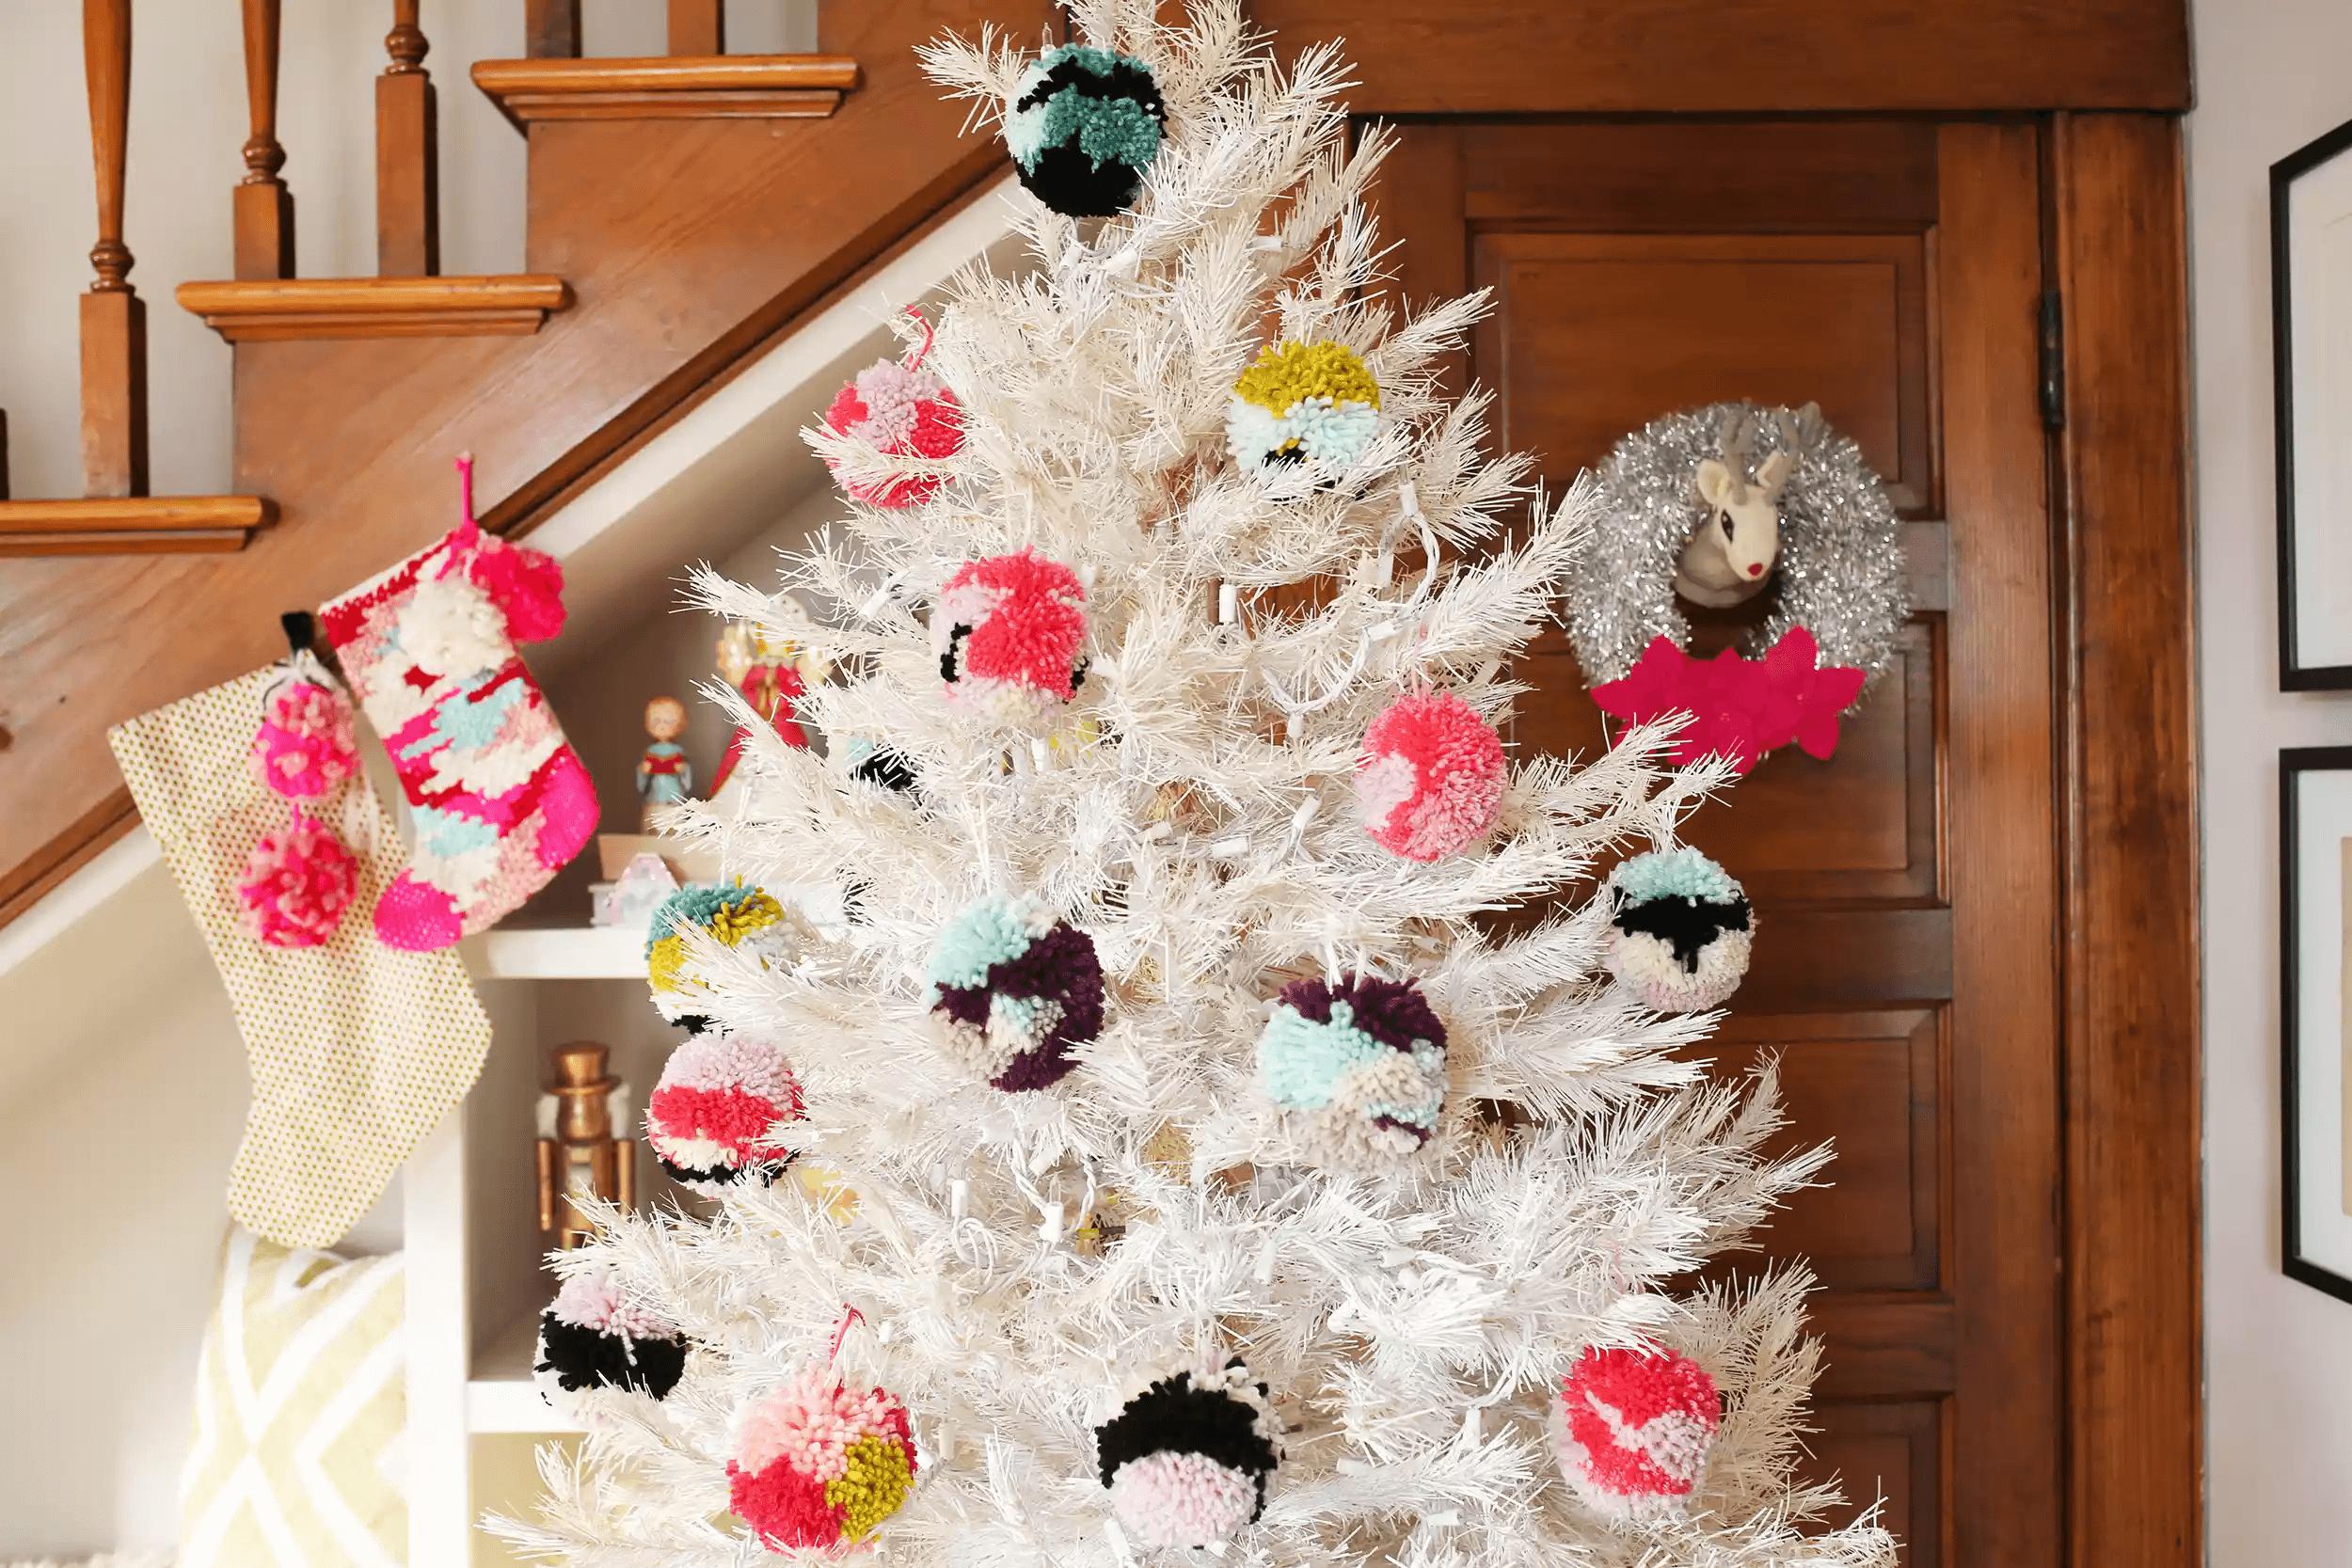 Arbre de Noël blanc avec des décorations de pom-pom girls près d'un escalier en bois